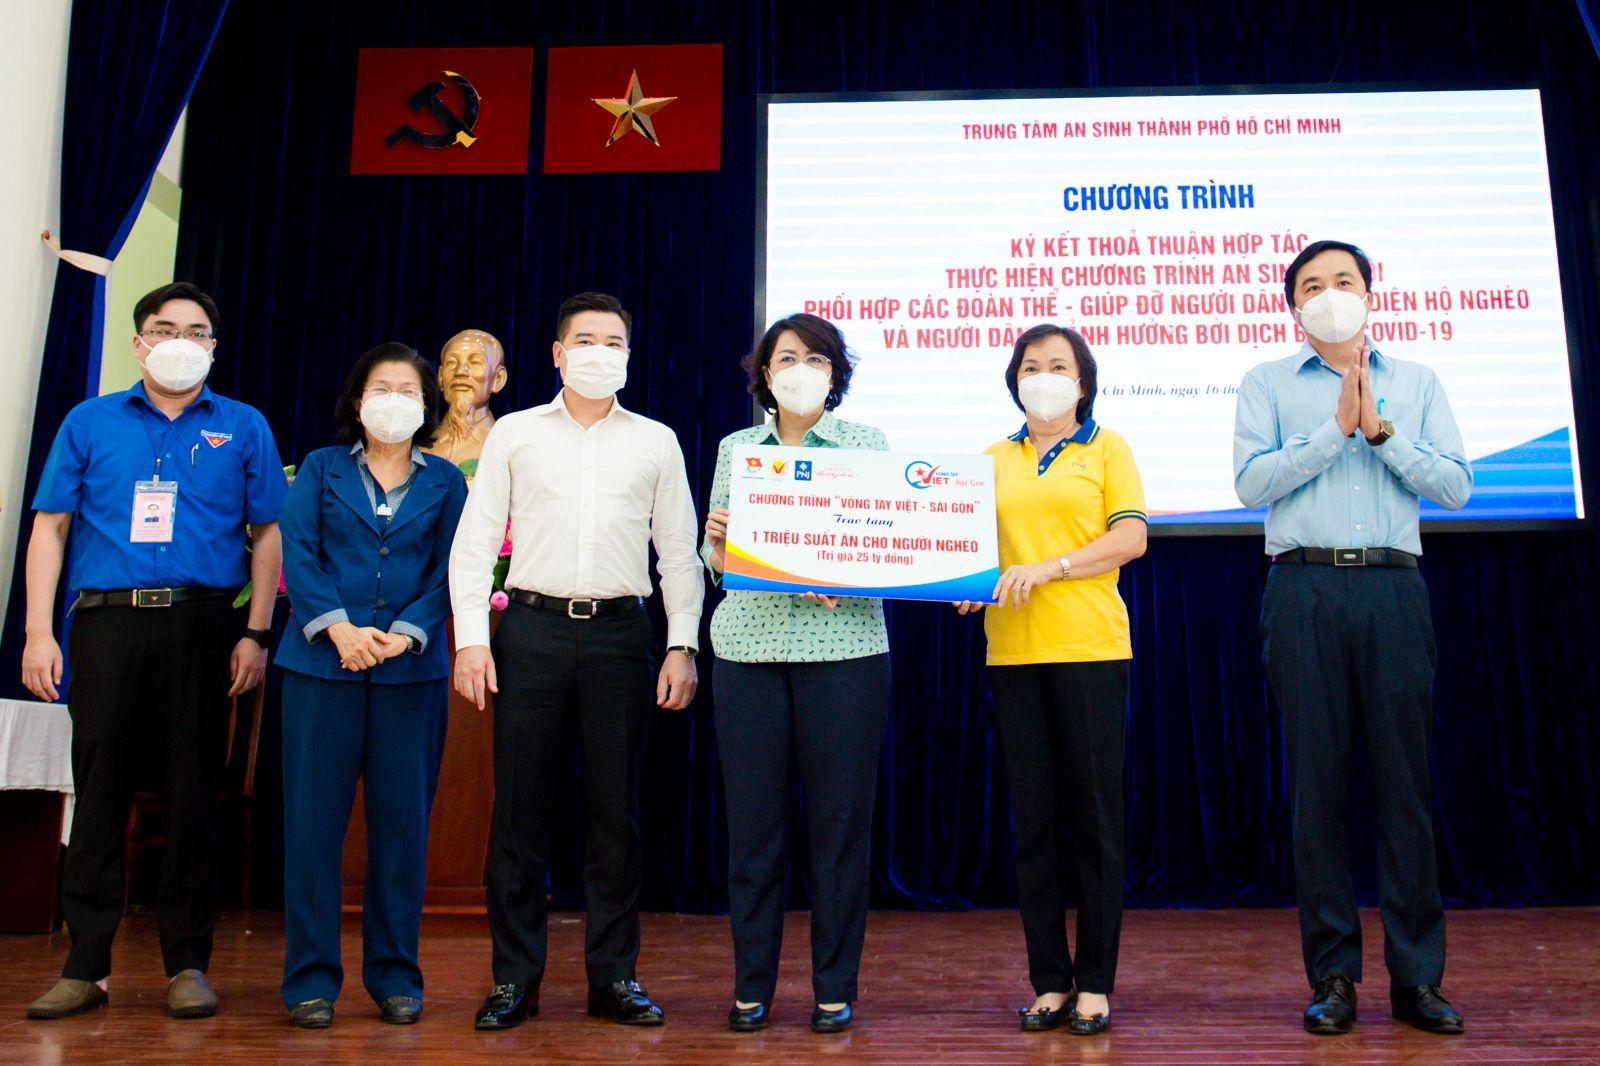 Ông Nguyễn Đình Trung - Chủ tịch Tập đoàn Hưng Thịnh (thứ ba từ trái qua) cùng BTC chương trình